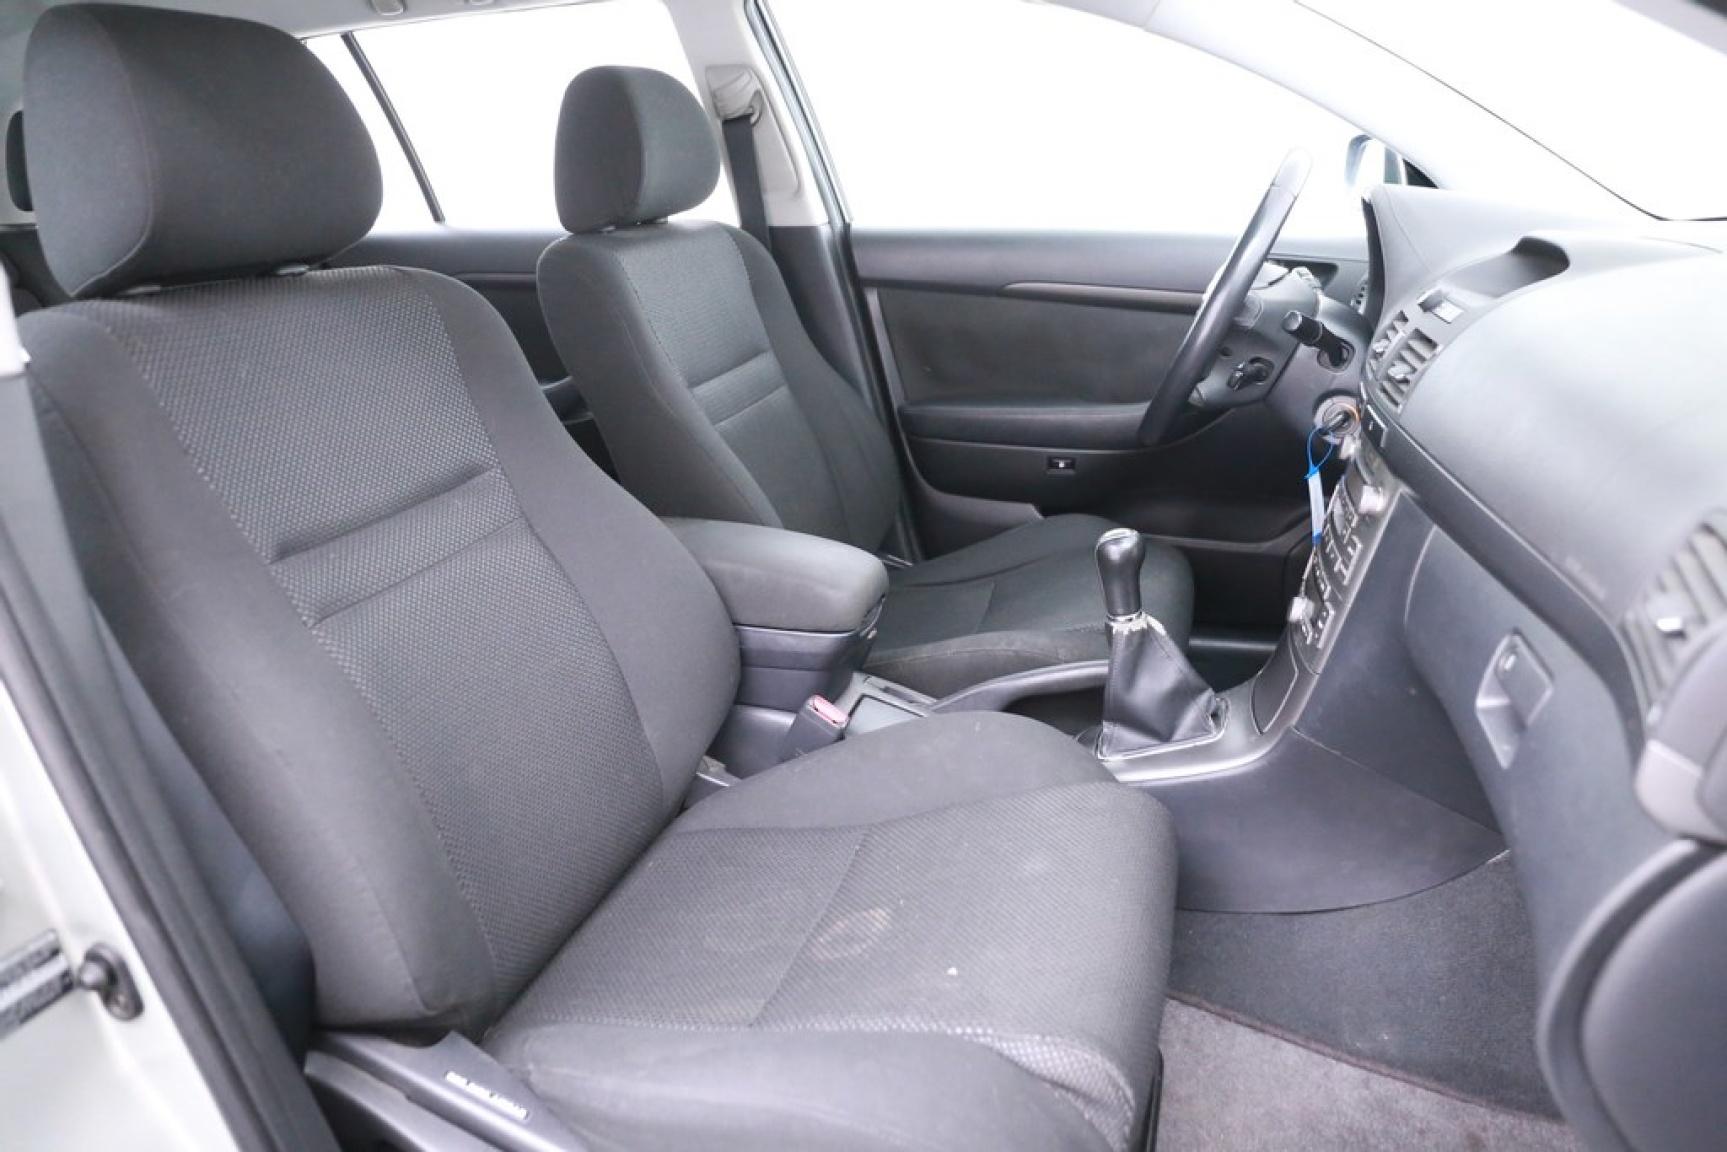 Toyota-Avensis-12